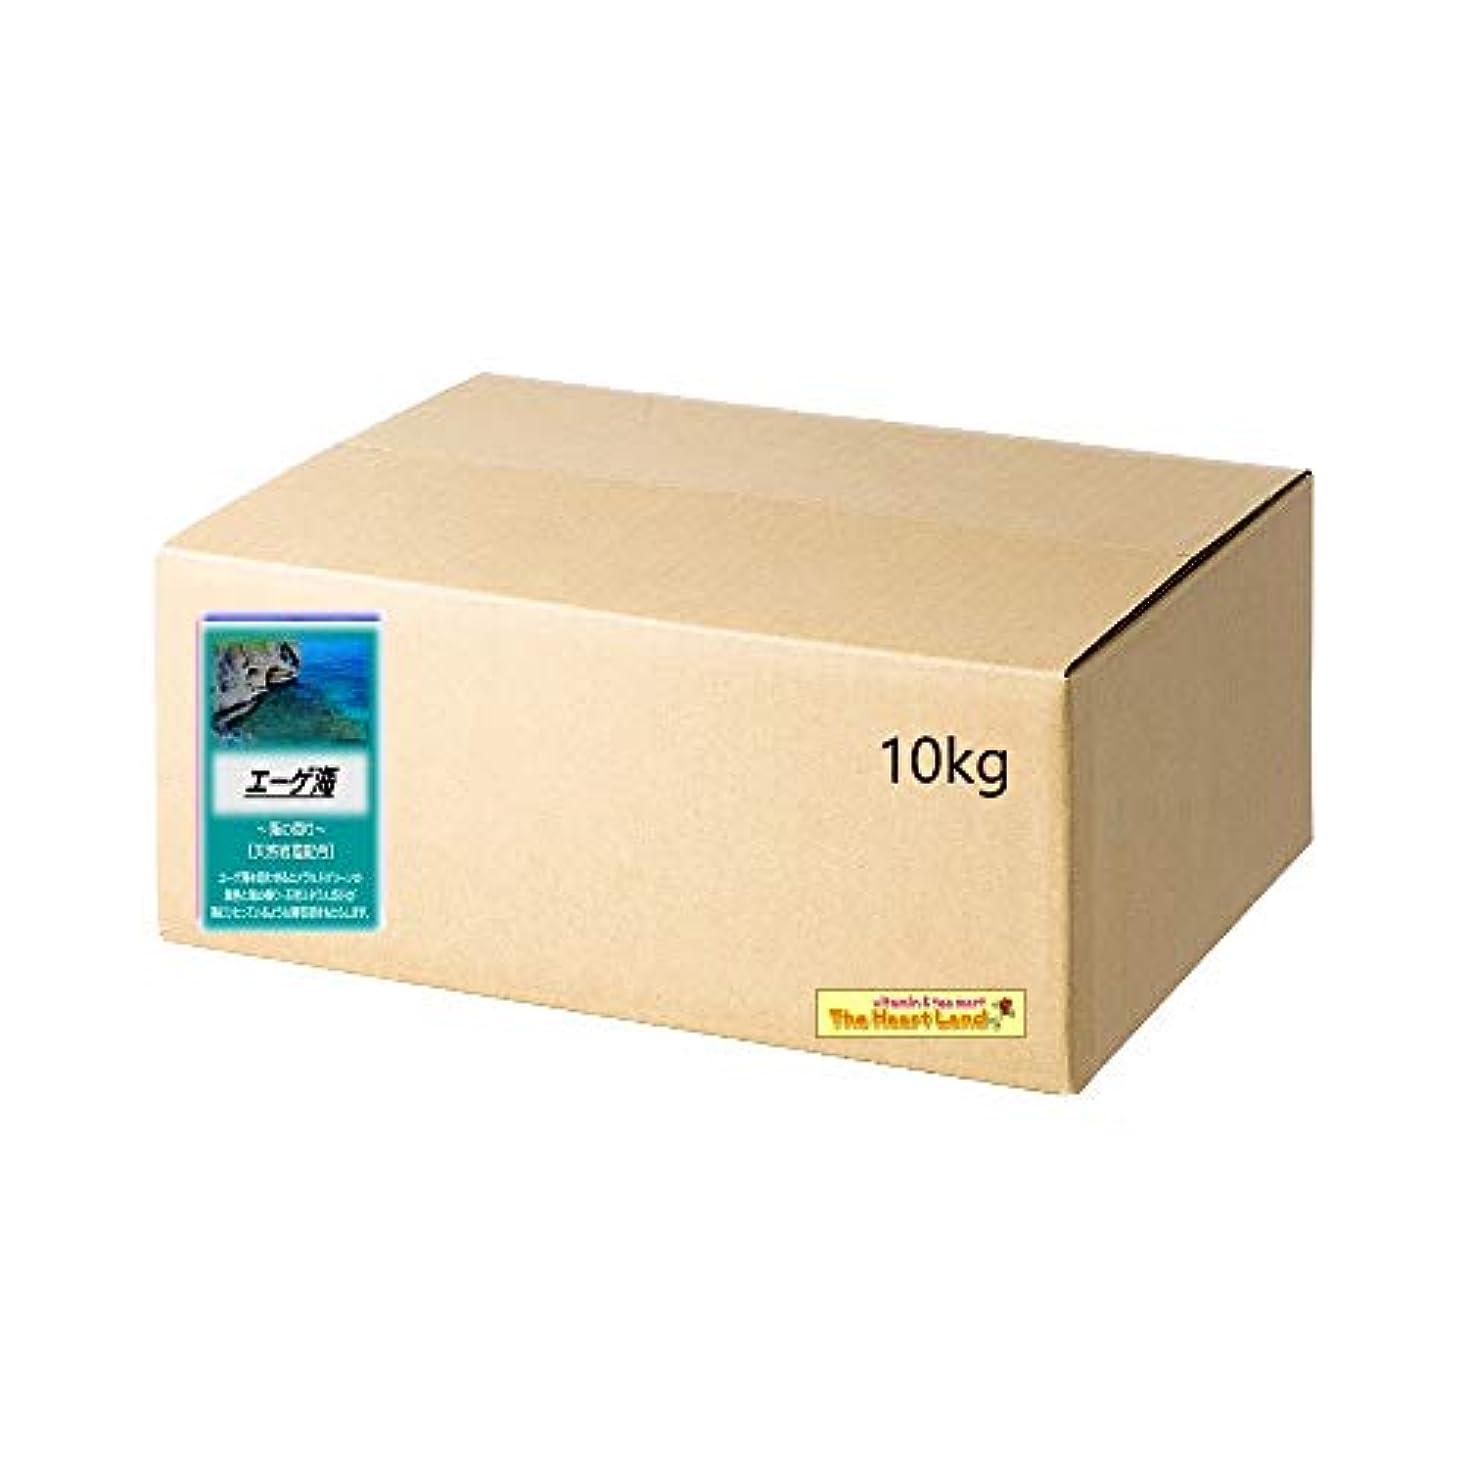 通行料金疲労気体のアサヒ入浴剤 浴用入浴化粧品 エーゲ海 10kg